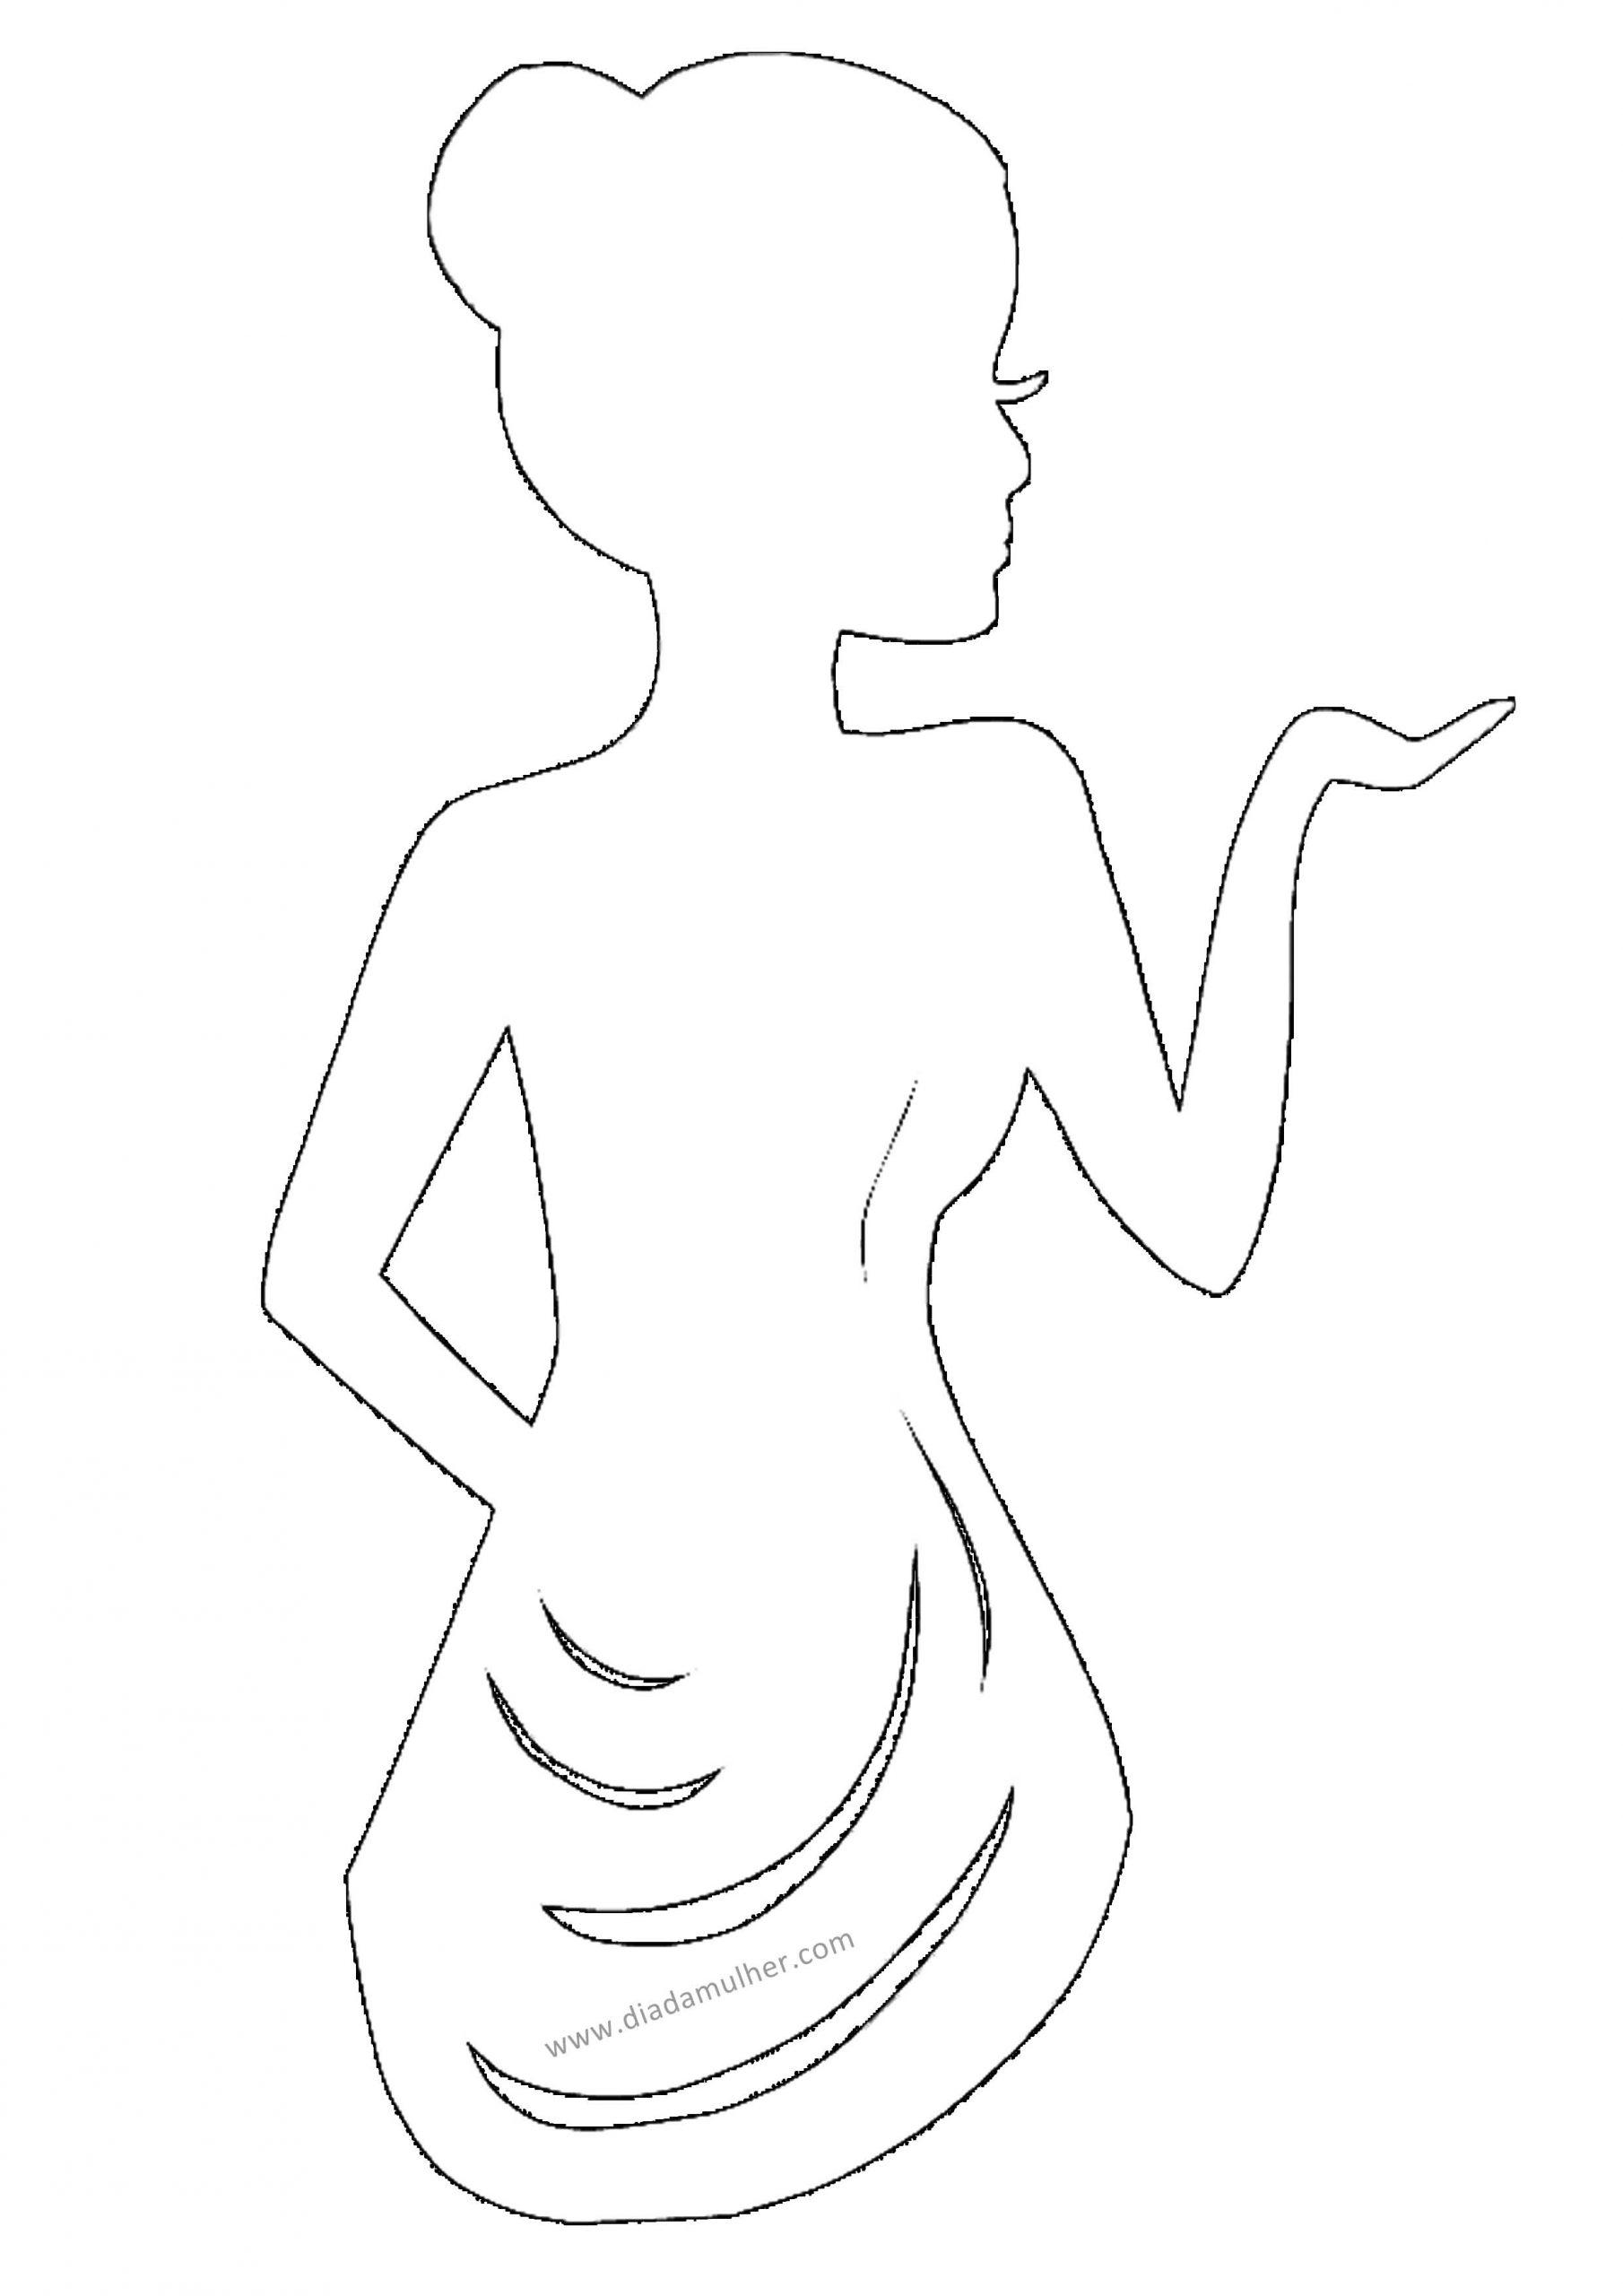 Decoração Dia da Mulher com tecidos e silhuetas femininas - moldes e riscos